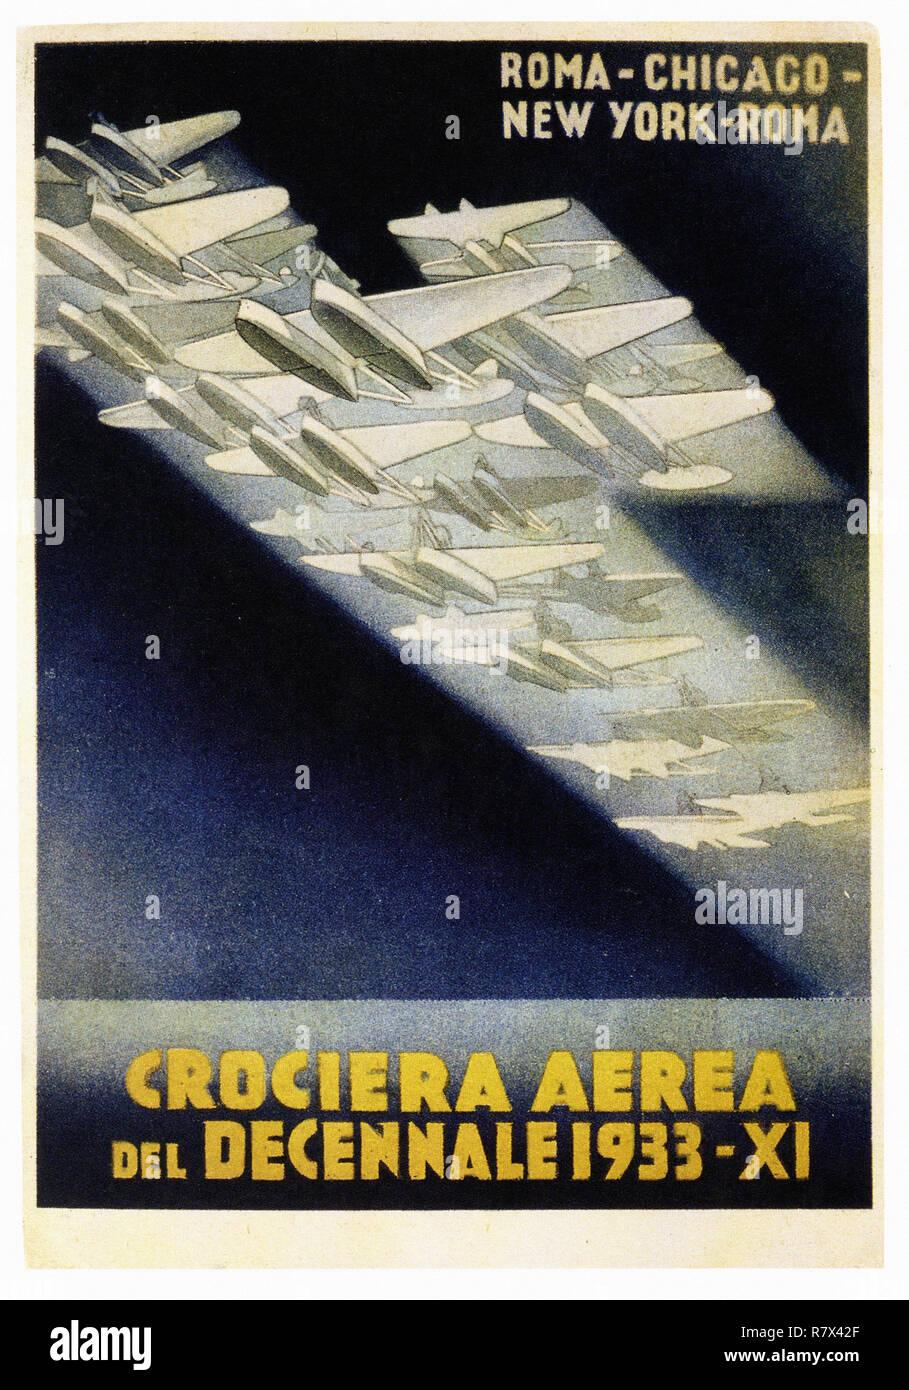 Eine Kreuzfahrt der Dekade 1933 - Vintage Travel Poster Stockbild